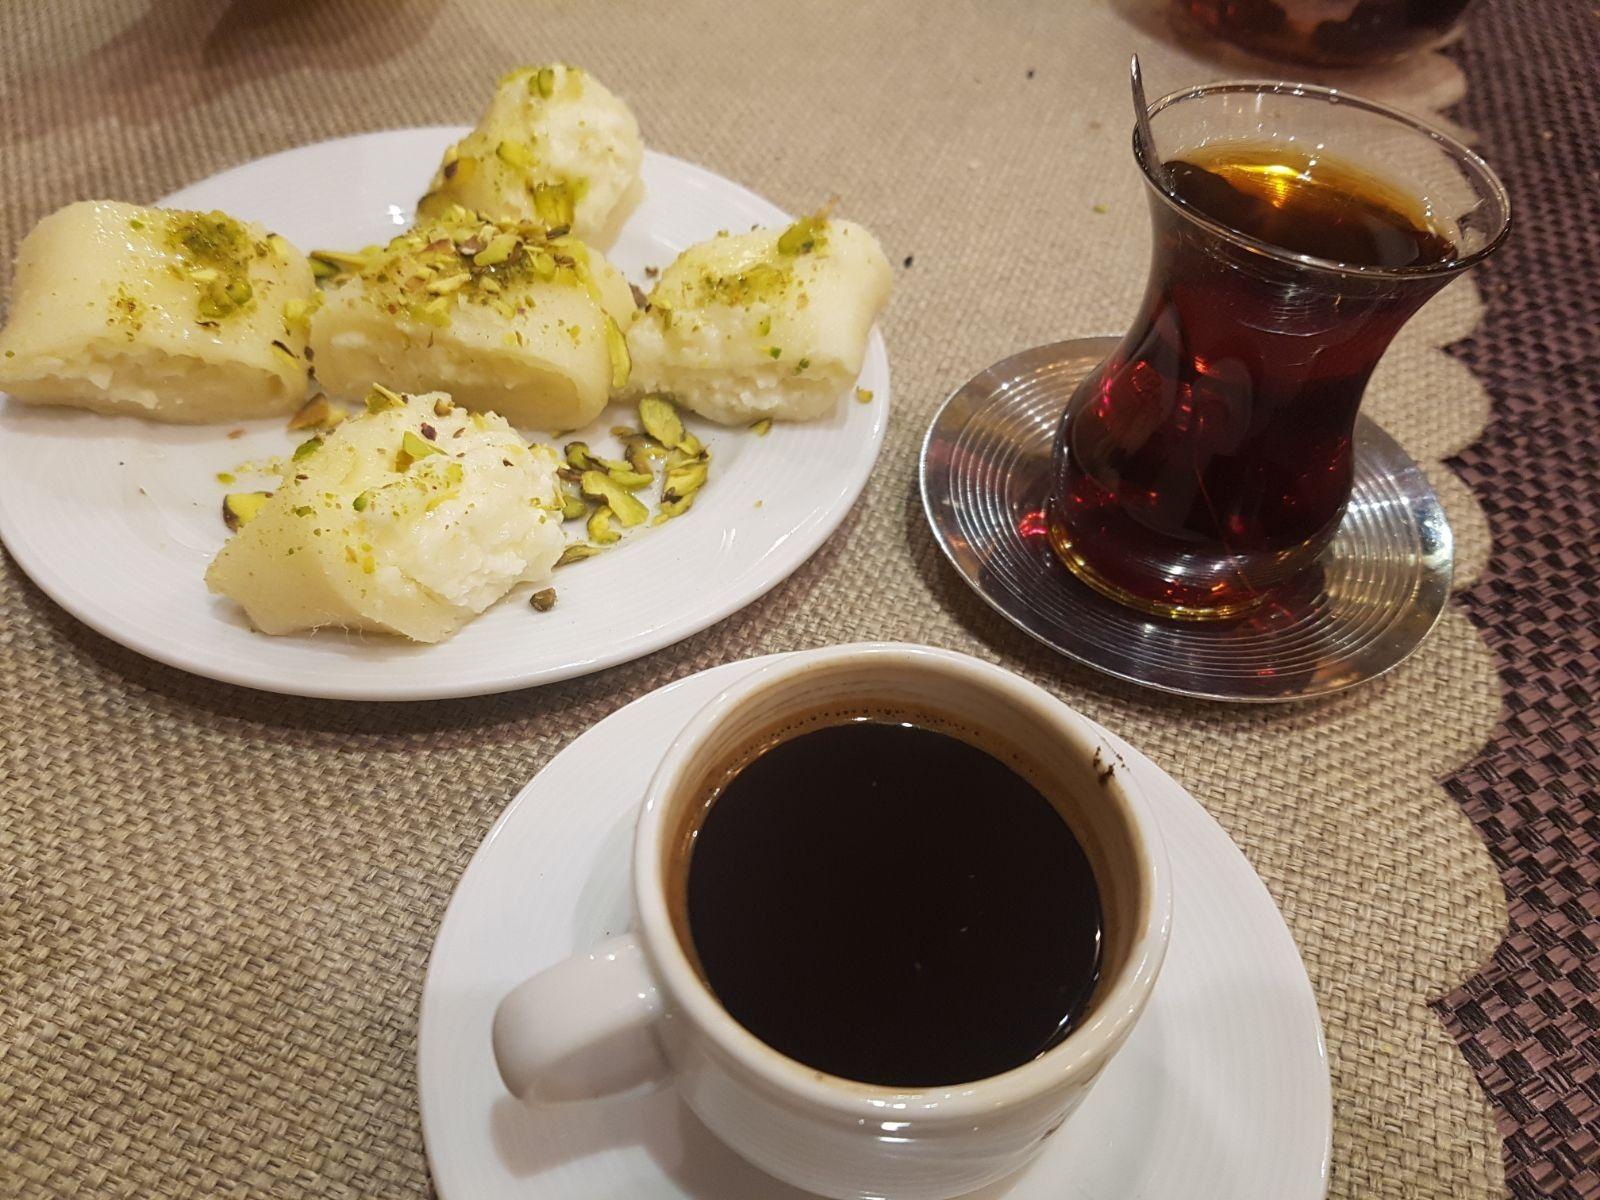 وبعد الاكل لازم حلا مع كاسة قهوة او شاي مطعم الشام اسطنبول Tableware Glassware Kitchen